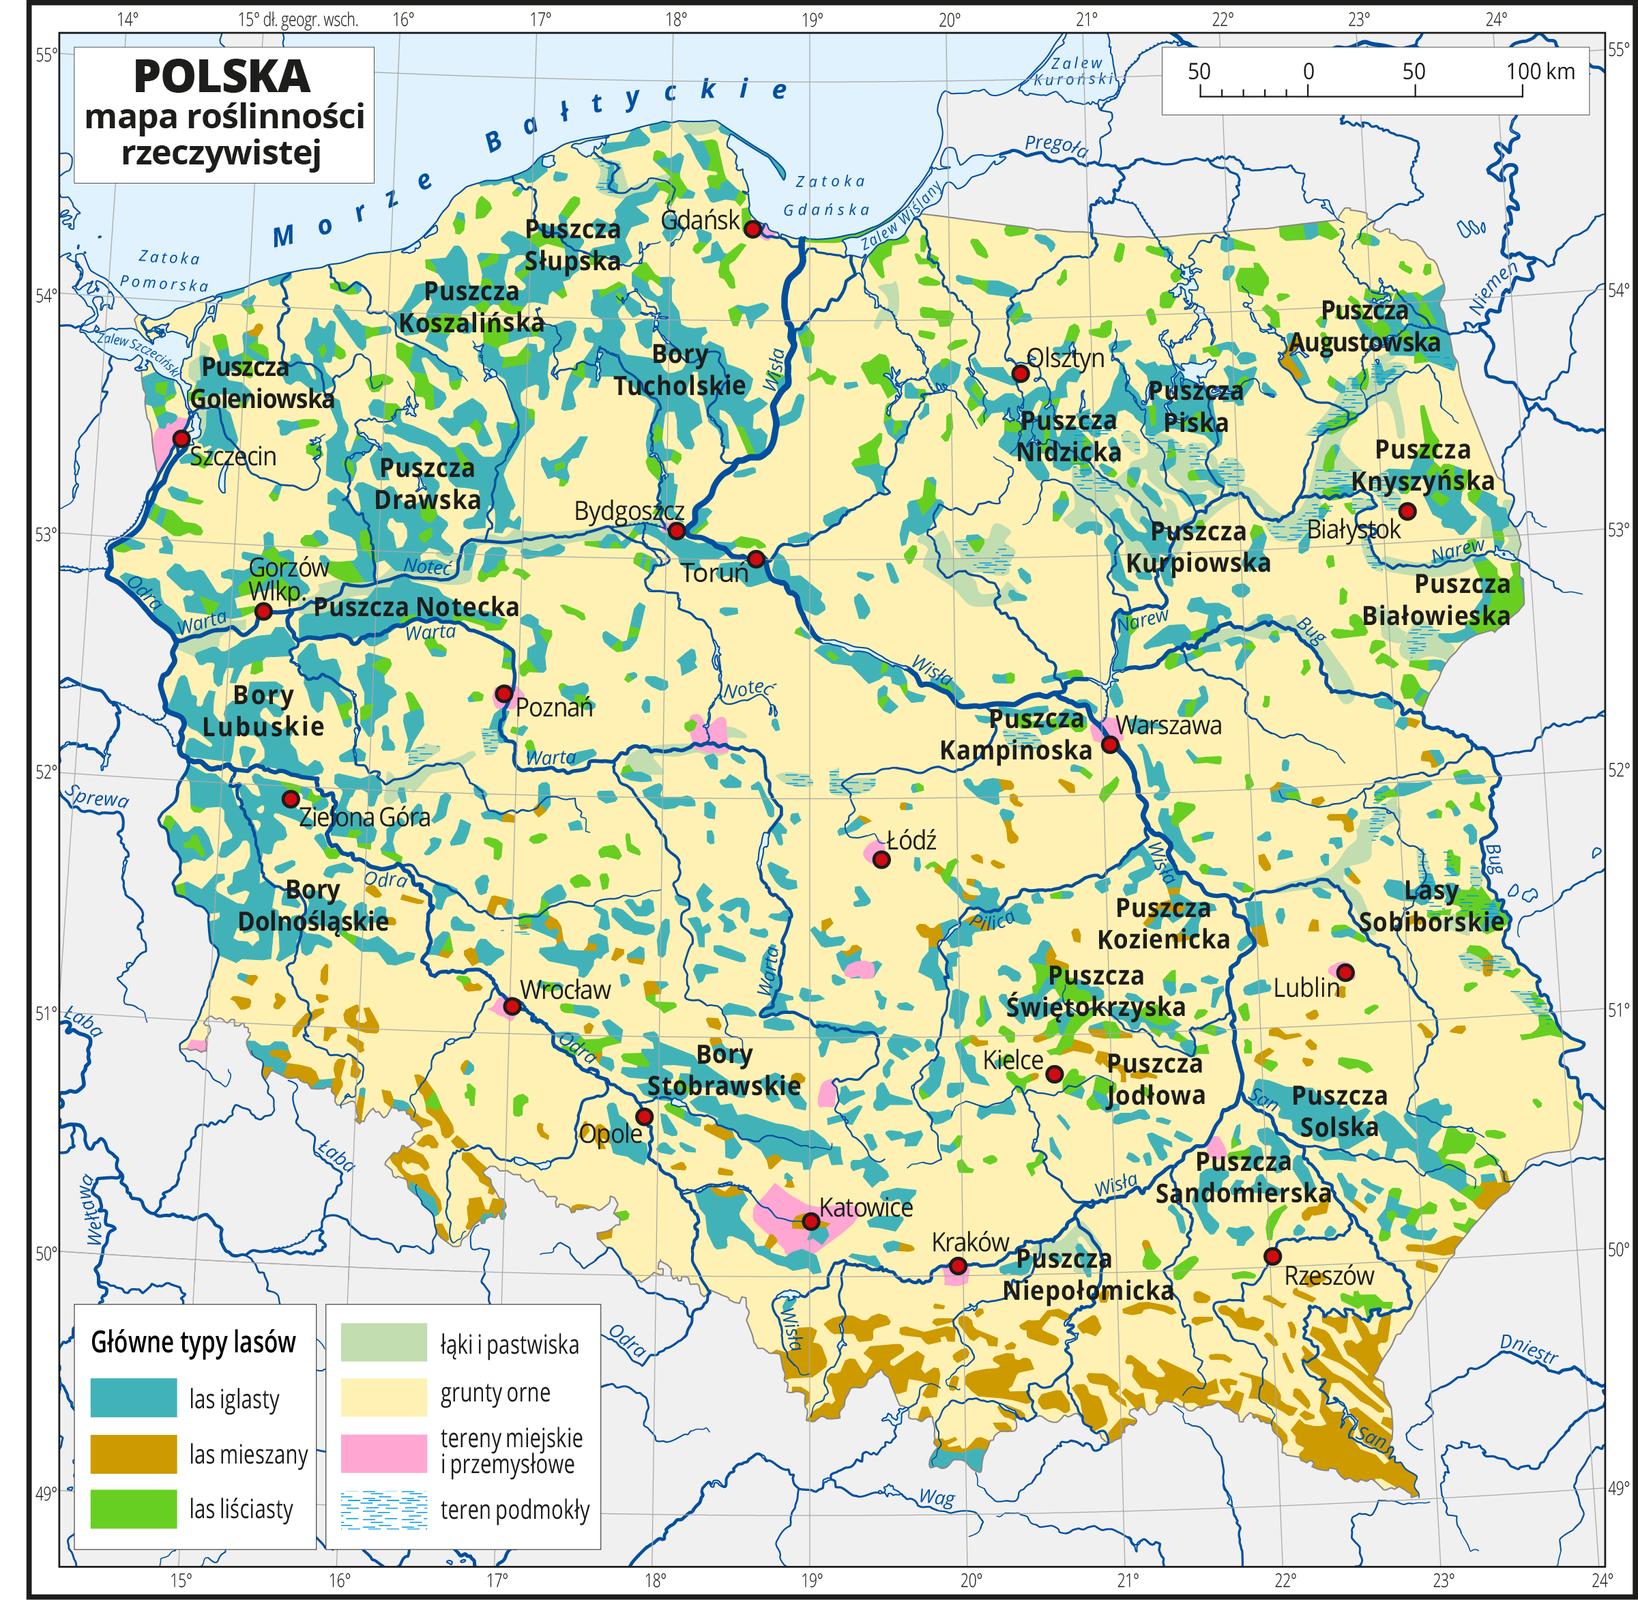 Ilustracja przedstawia mapę Polski . Na mapie kolorami zaznaczono trzy główne typy lasów, łąki ipastwiska, grunty orne, tereny miejskie iprzemysłowe oraz tereny podmokłe. Większą część Polski zajmują grunty orne oznaczone kolorem żółtym. Wdolinach rzek ina pojezierzach występują lasy iglaste, gdzieniegdzie lasy liściaste. Na terenach górskich występują lasy mieszane. Wrejonie dużych miast oznaczono tereny miejskie iprzemysłowe. Najwięcej łąk ipastwisk występuje wpółnocno-wschodniej części Polski. Czerwonymi kropkami zaznaczono miasta wojewódzkie. Opisano główne rzeki imorze. Mapa pokryta jest siatką równoleżników ipołudników. Dookoła mapy jest biała ramka, wktórej opisane są współrzędne geograficzne co jeden stopień. Po lewej stronie mapy wlegendzie umieszczono siedem kolorowych prostokątów, które opisano. Wydzielono trzy rodzaje lasów: iglasty, mieszany iliściasty oraz łąki ipastwiska, grunty orne, tereny miejskie iprzemysłowe oraz tereny podmokłe.